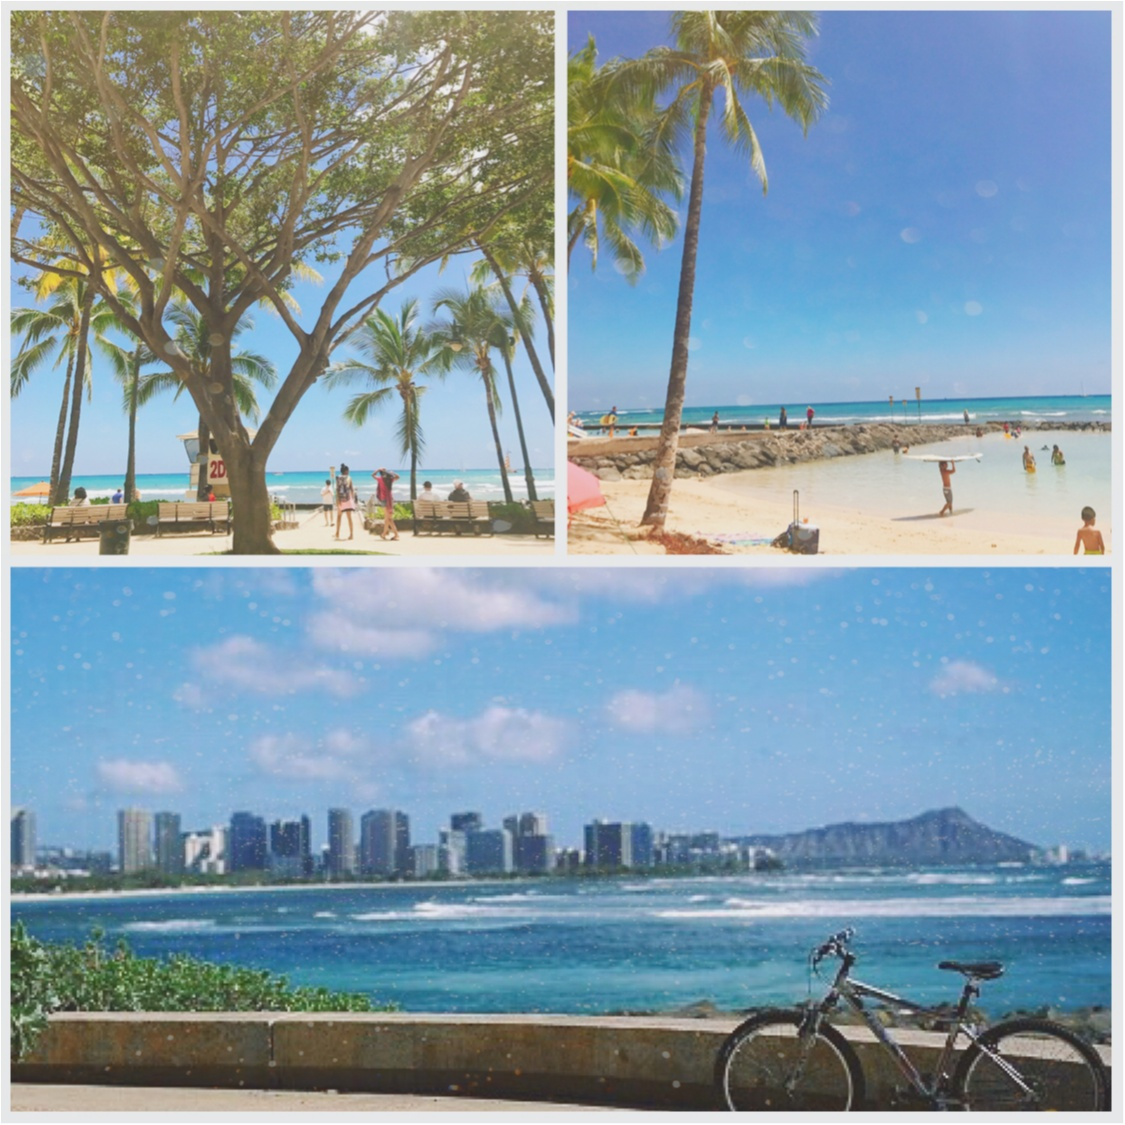 突然ですが、ハワイから更新中♡ 「ツール・ド・東北」に向けて…レンタサイクルで今、一番熱いストリートへGO!【#モアチャレ さえ】_3_1